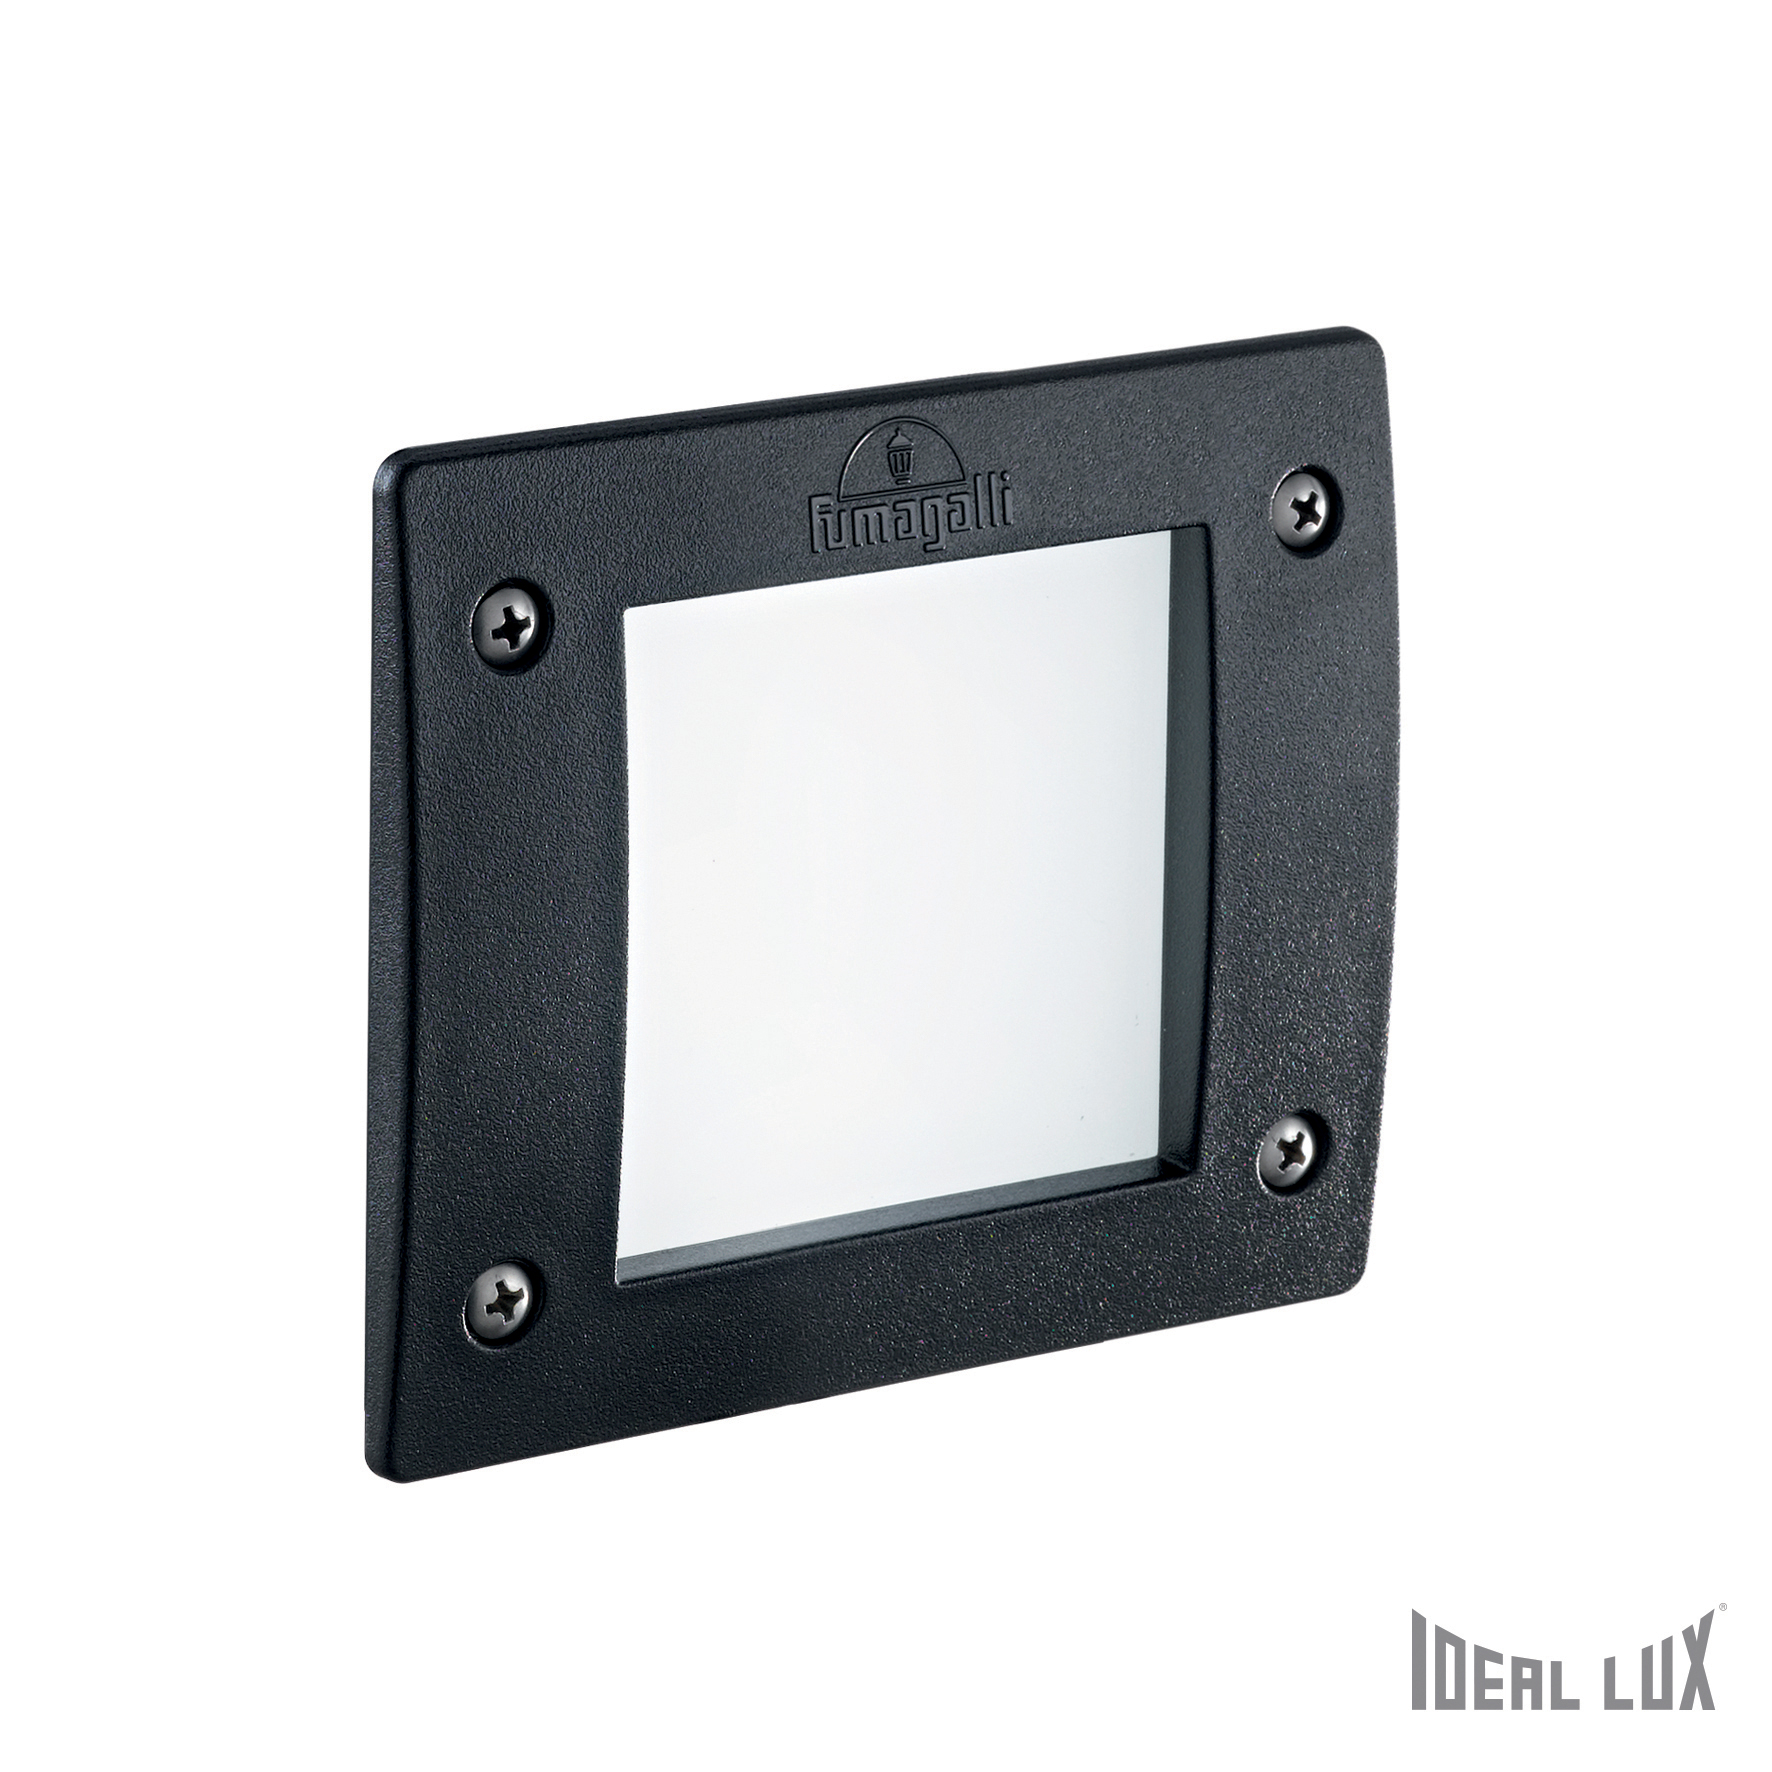 Spot Leti Square FI1-Negru imagine